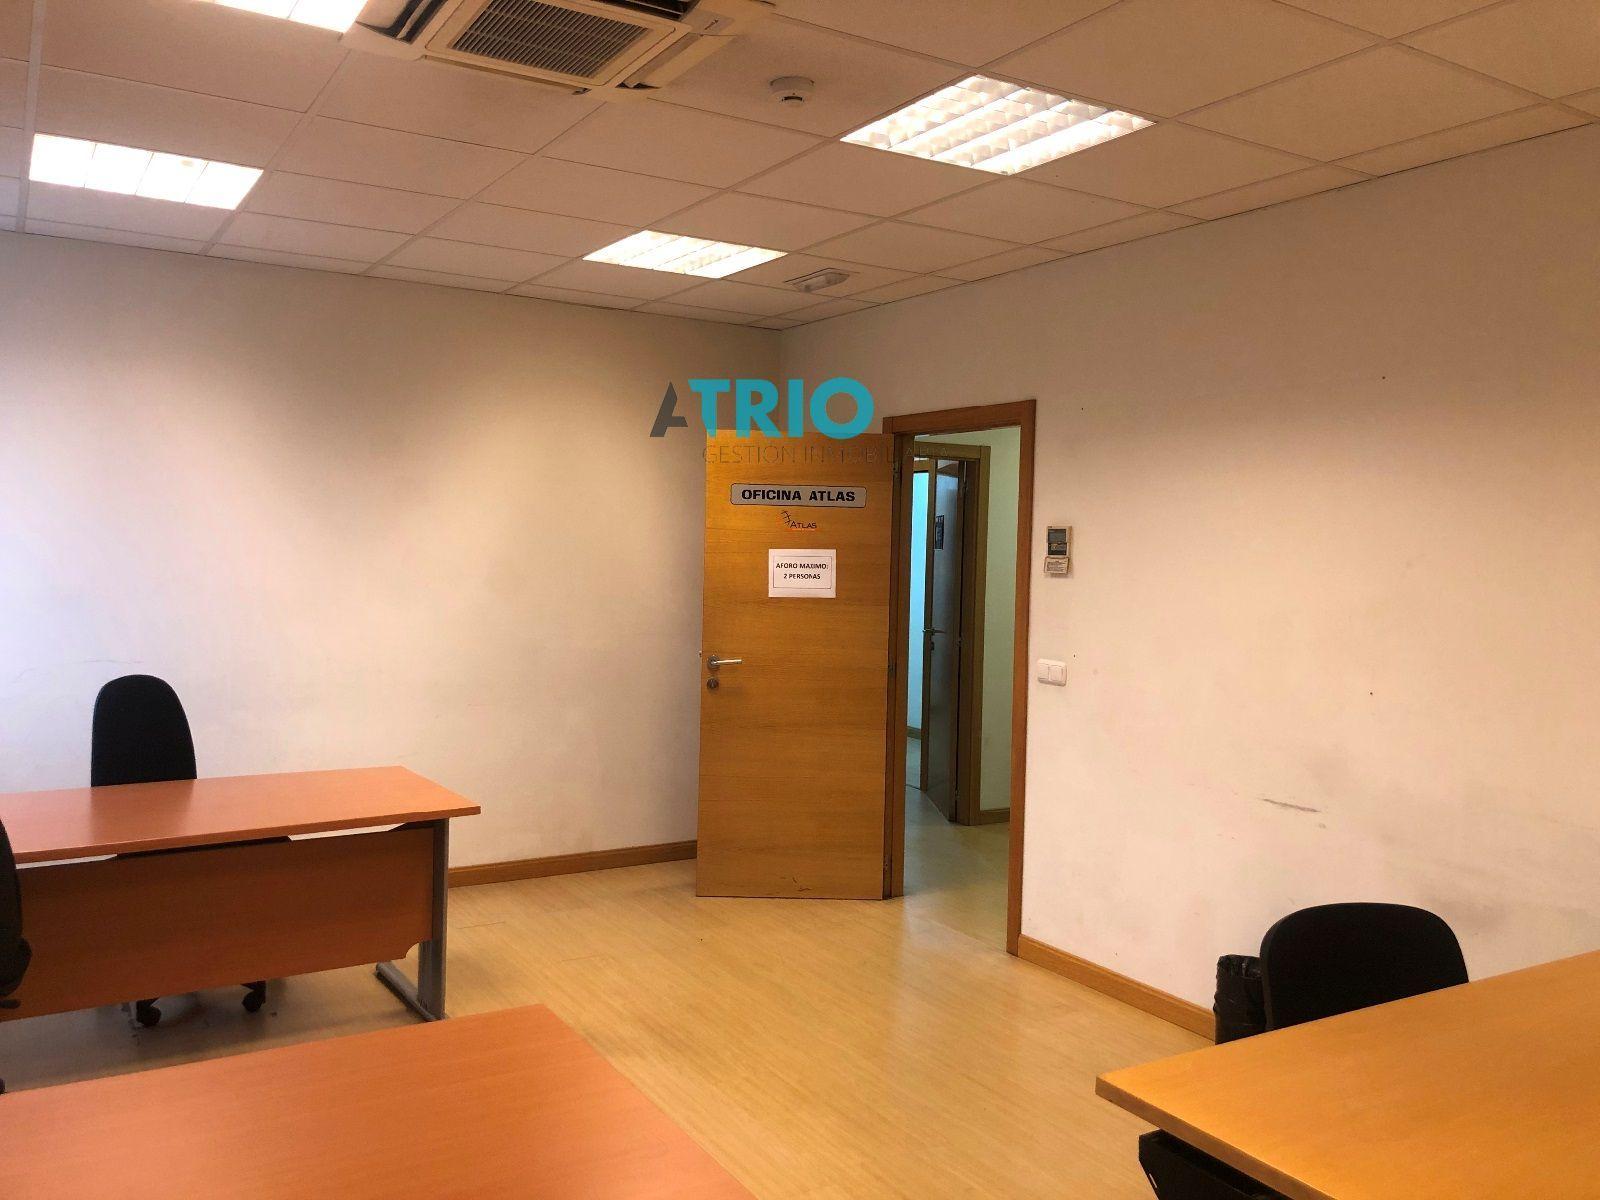 dia.mobiliagestion.es/Portals/inmoatrio/Images/7230/5886878